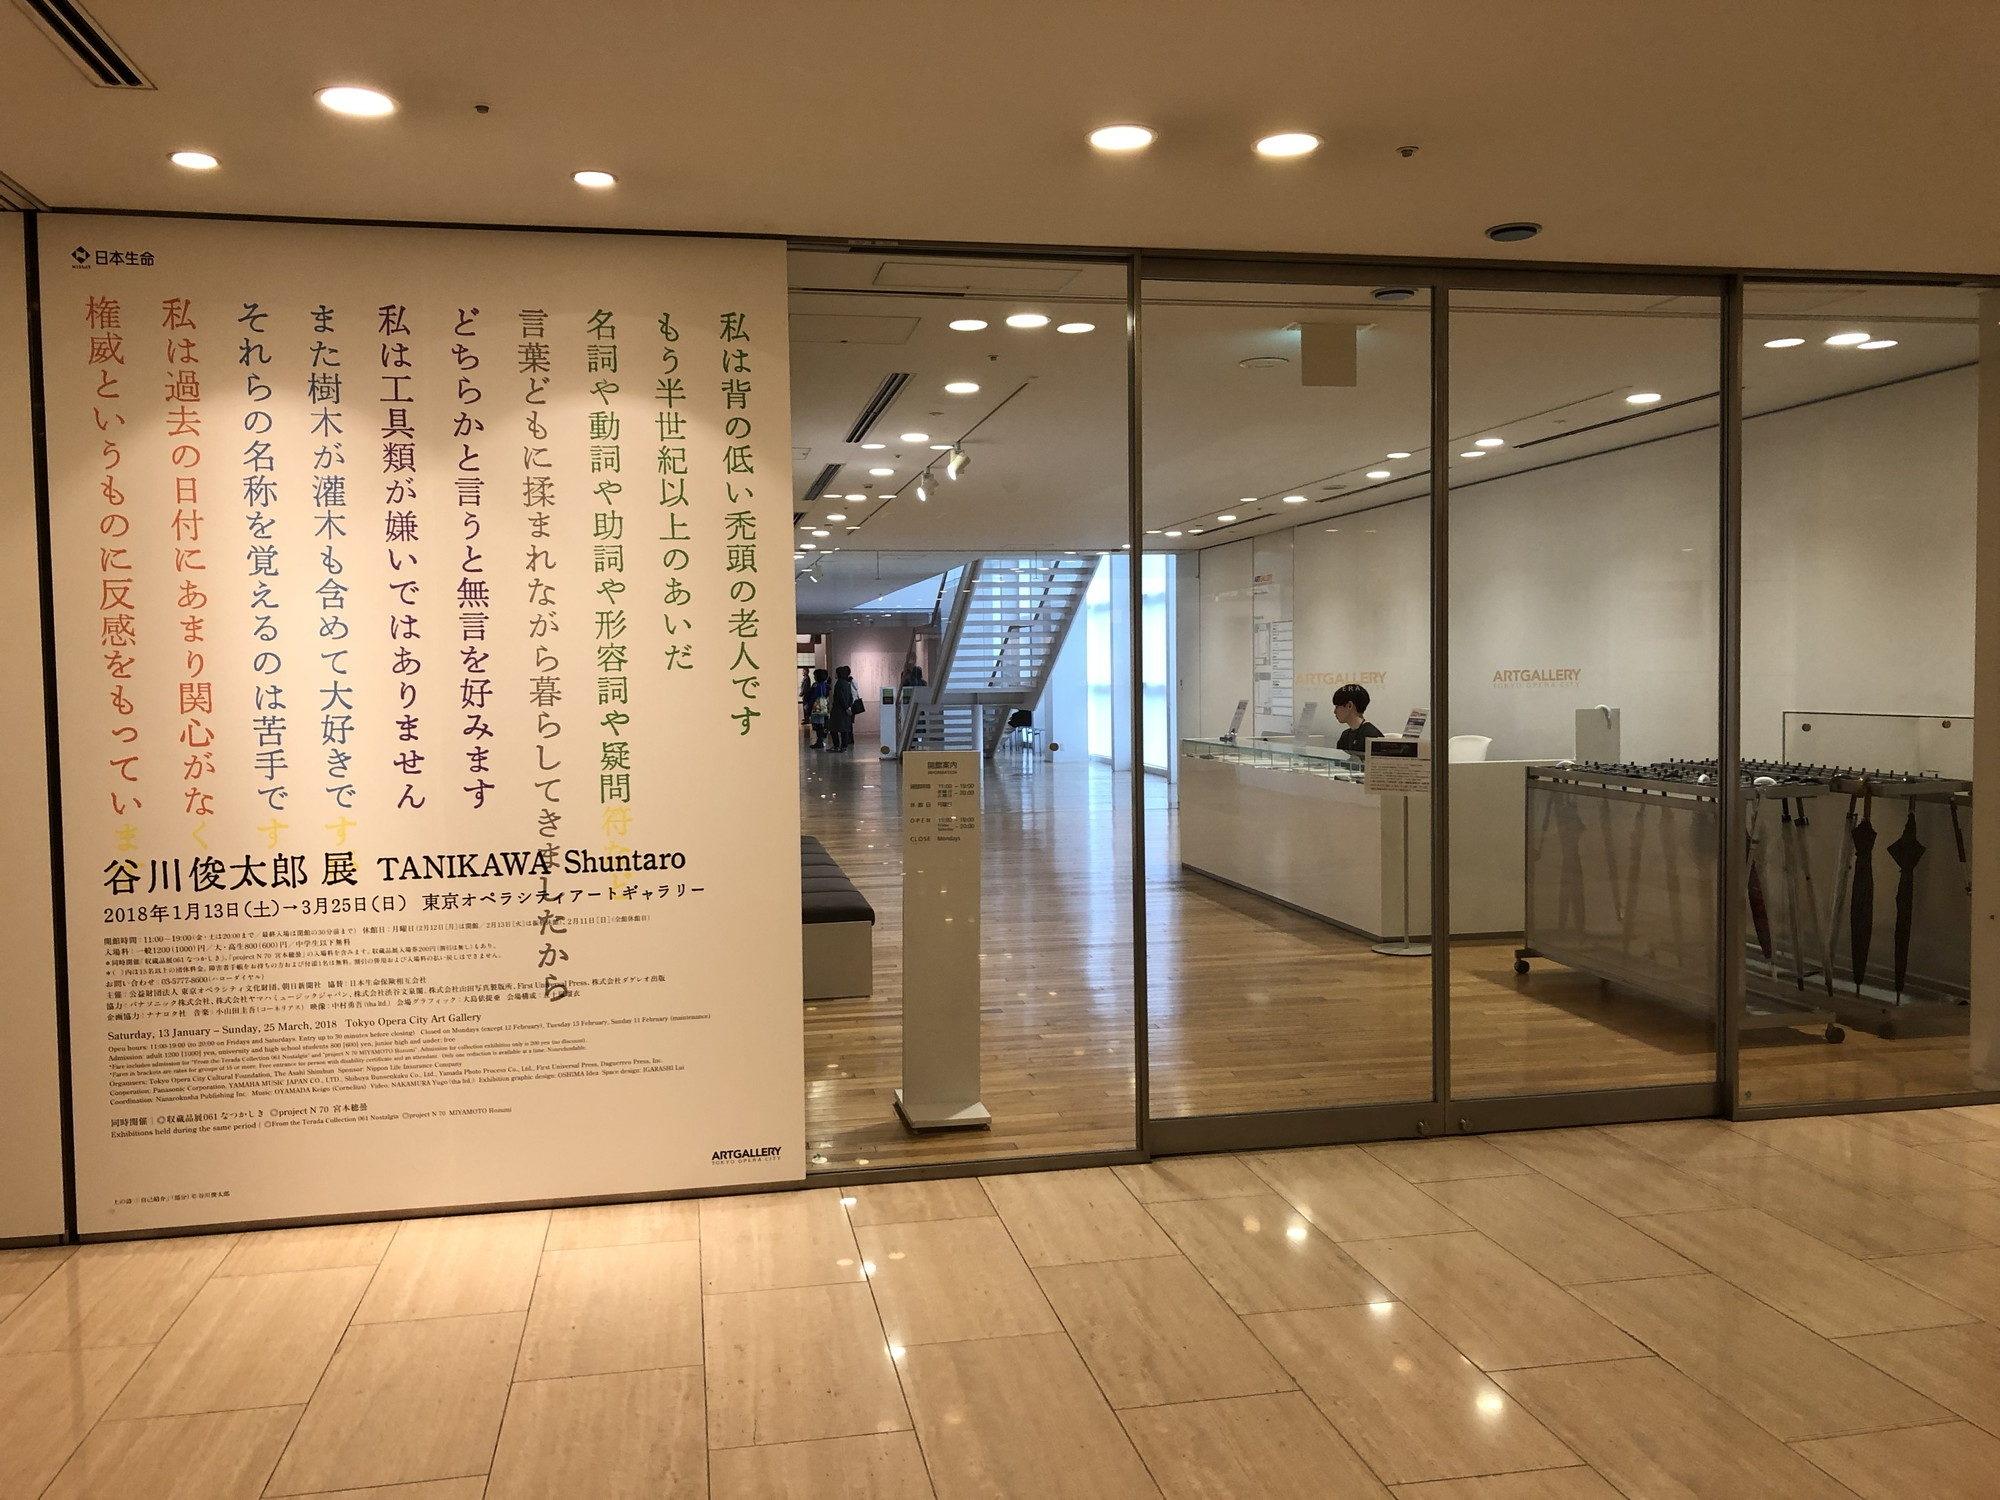 谷川俊太郎展入口